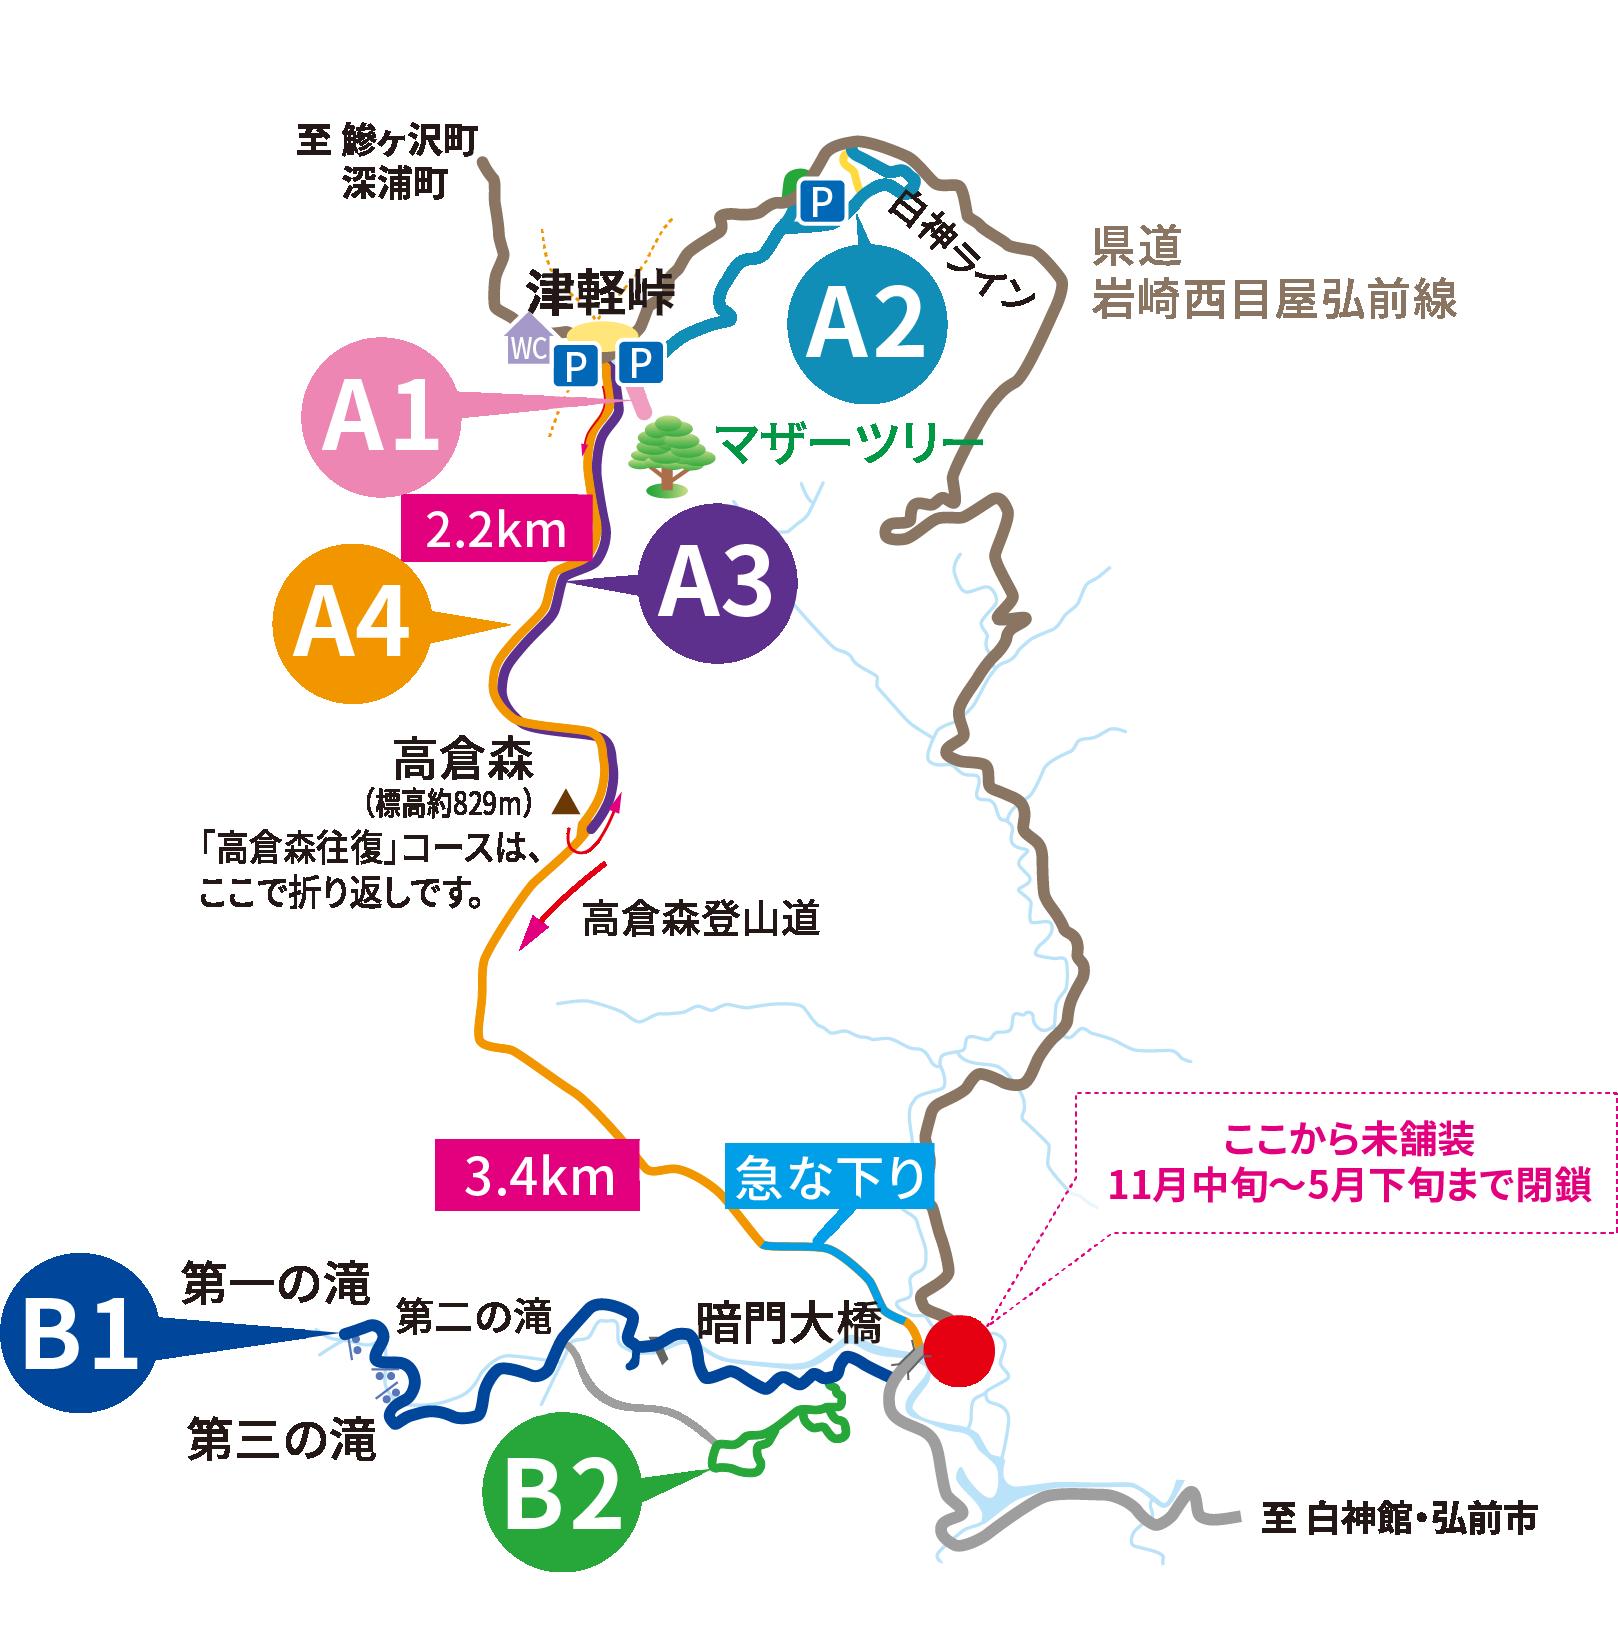 散策道状況地図